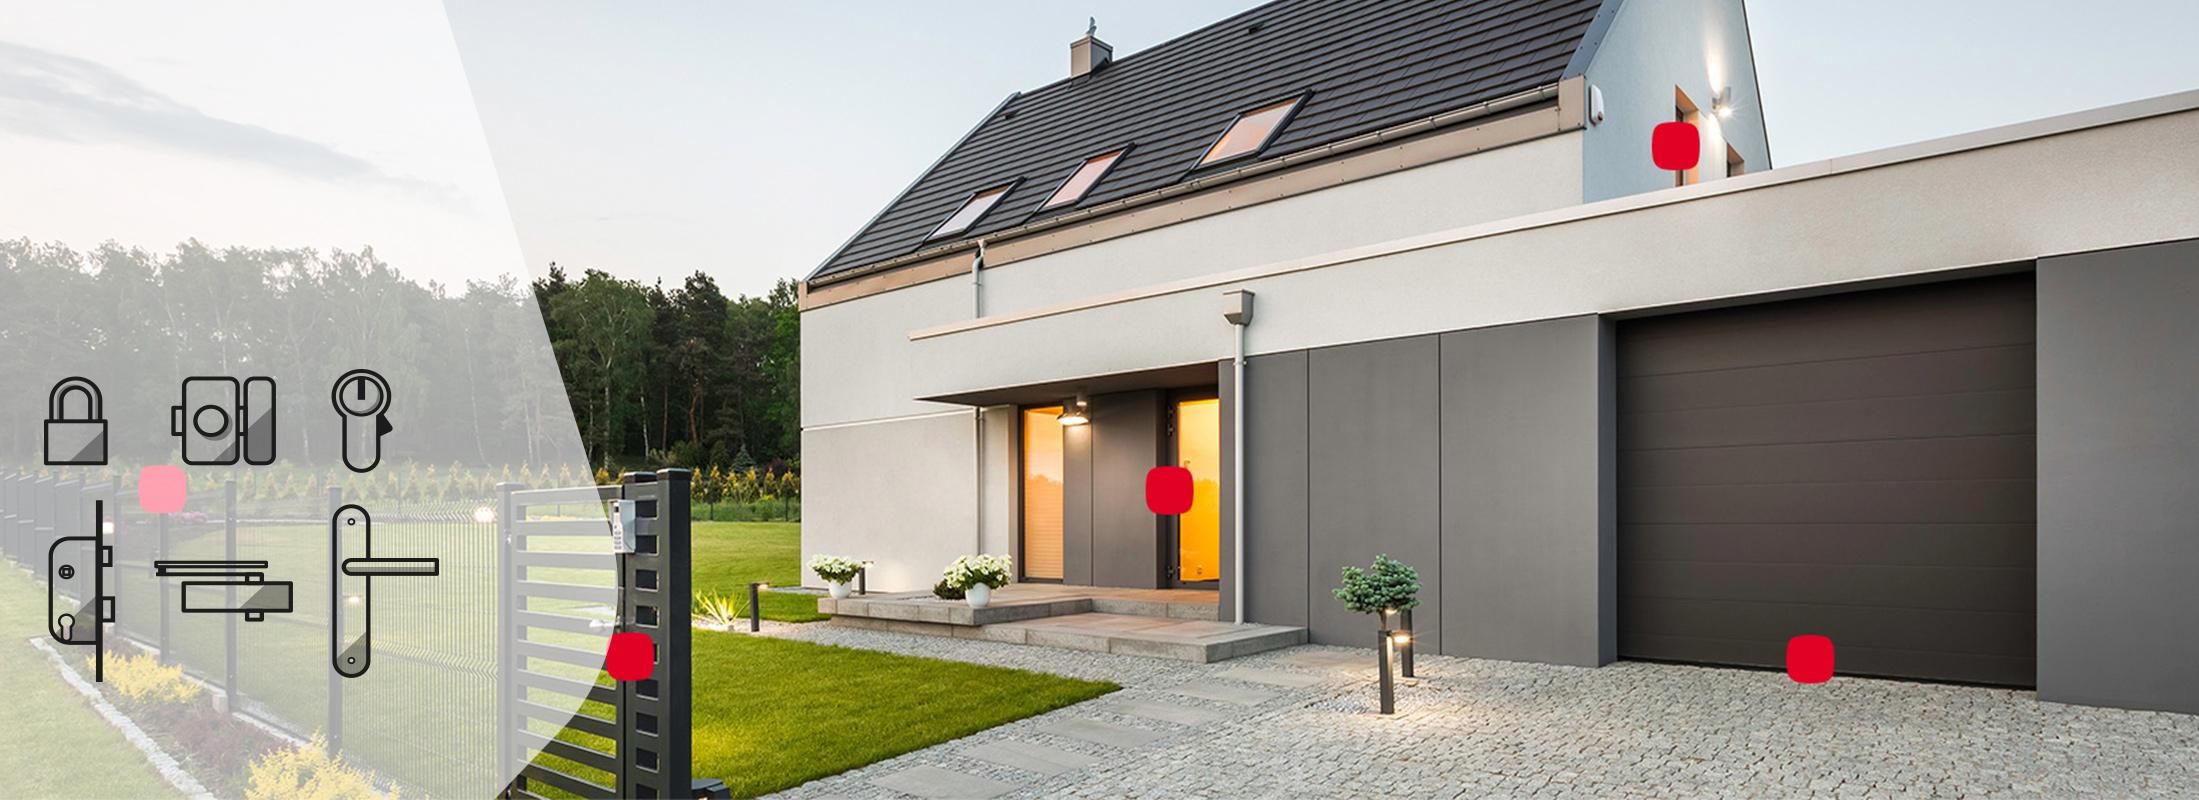 Thirard sécurise votre maison et ses extérieurs